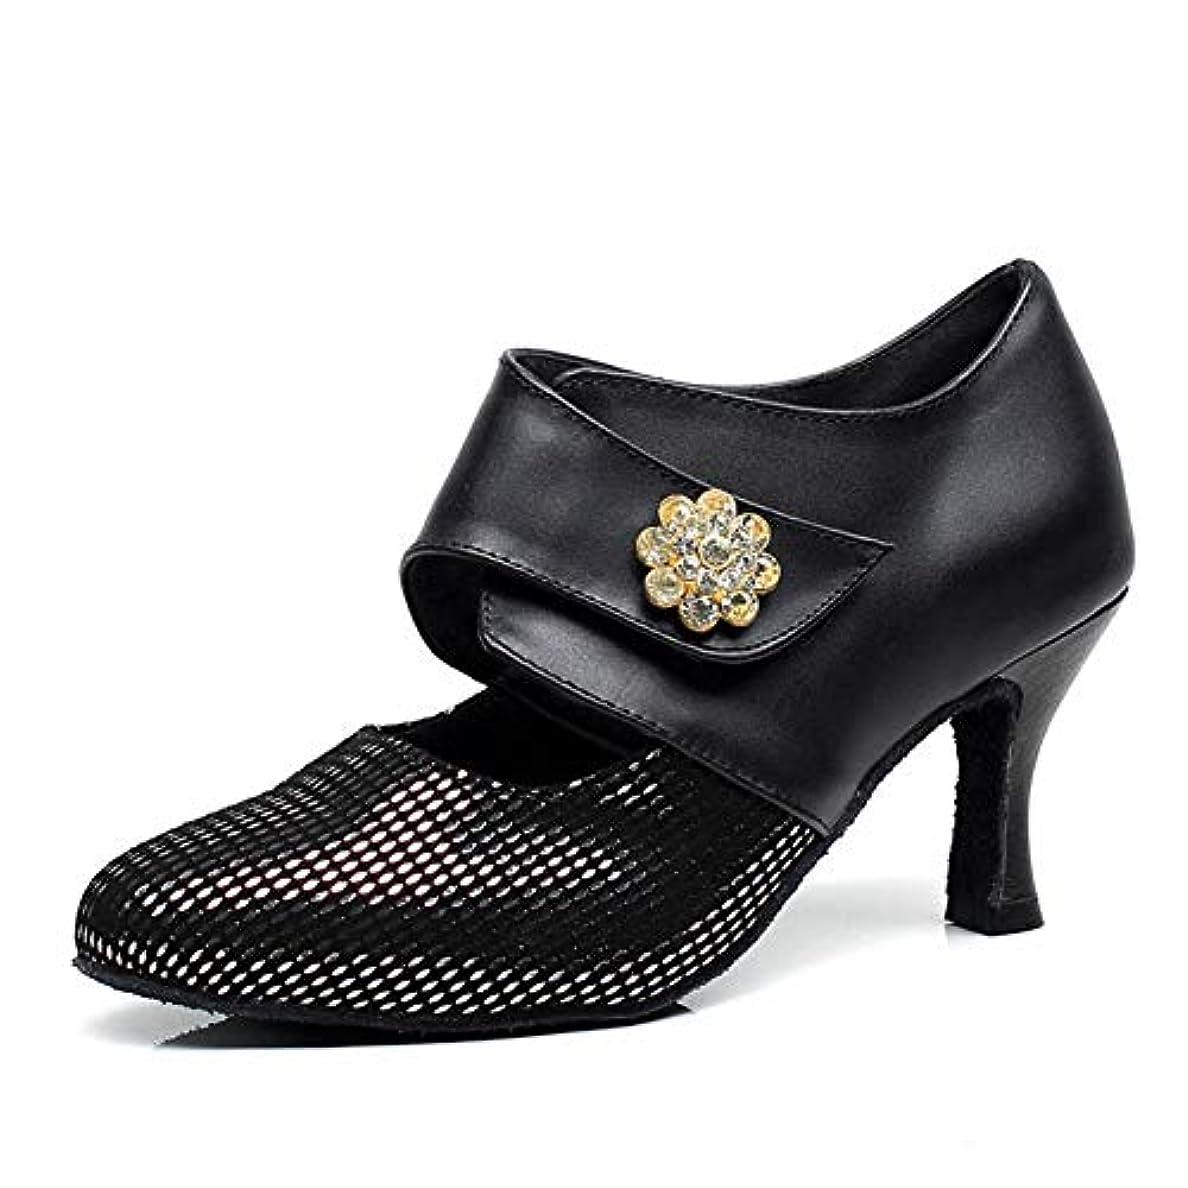 ラグ取り出す明らかにする[Dianyejiancai] 最新の女性ダンスシューズ レディースモダンダンスシューズ、ソフトボトムラテンシューズBallroom Dance Shoes